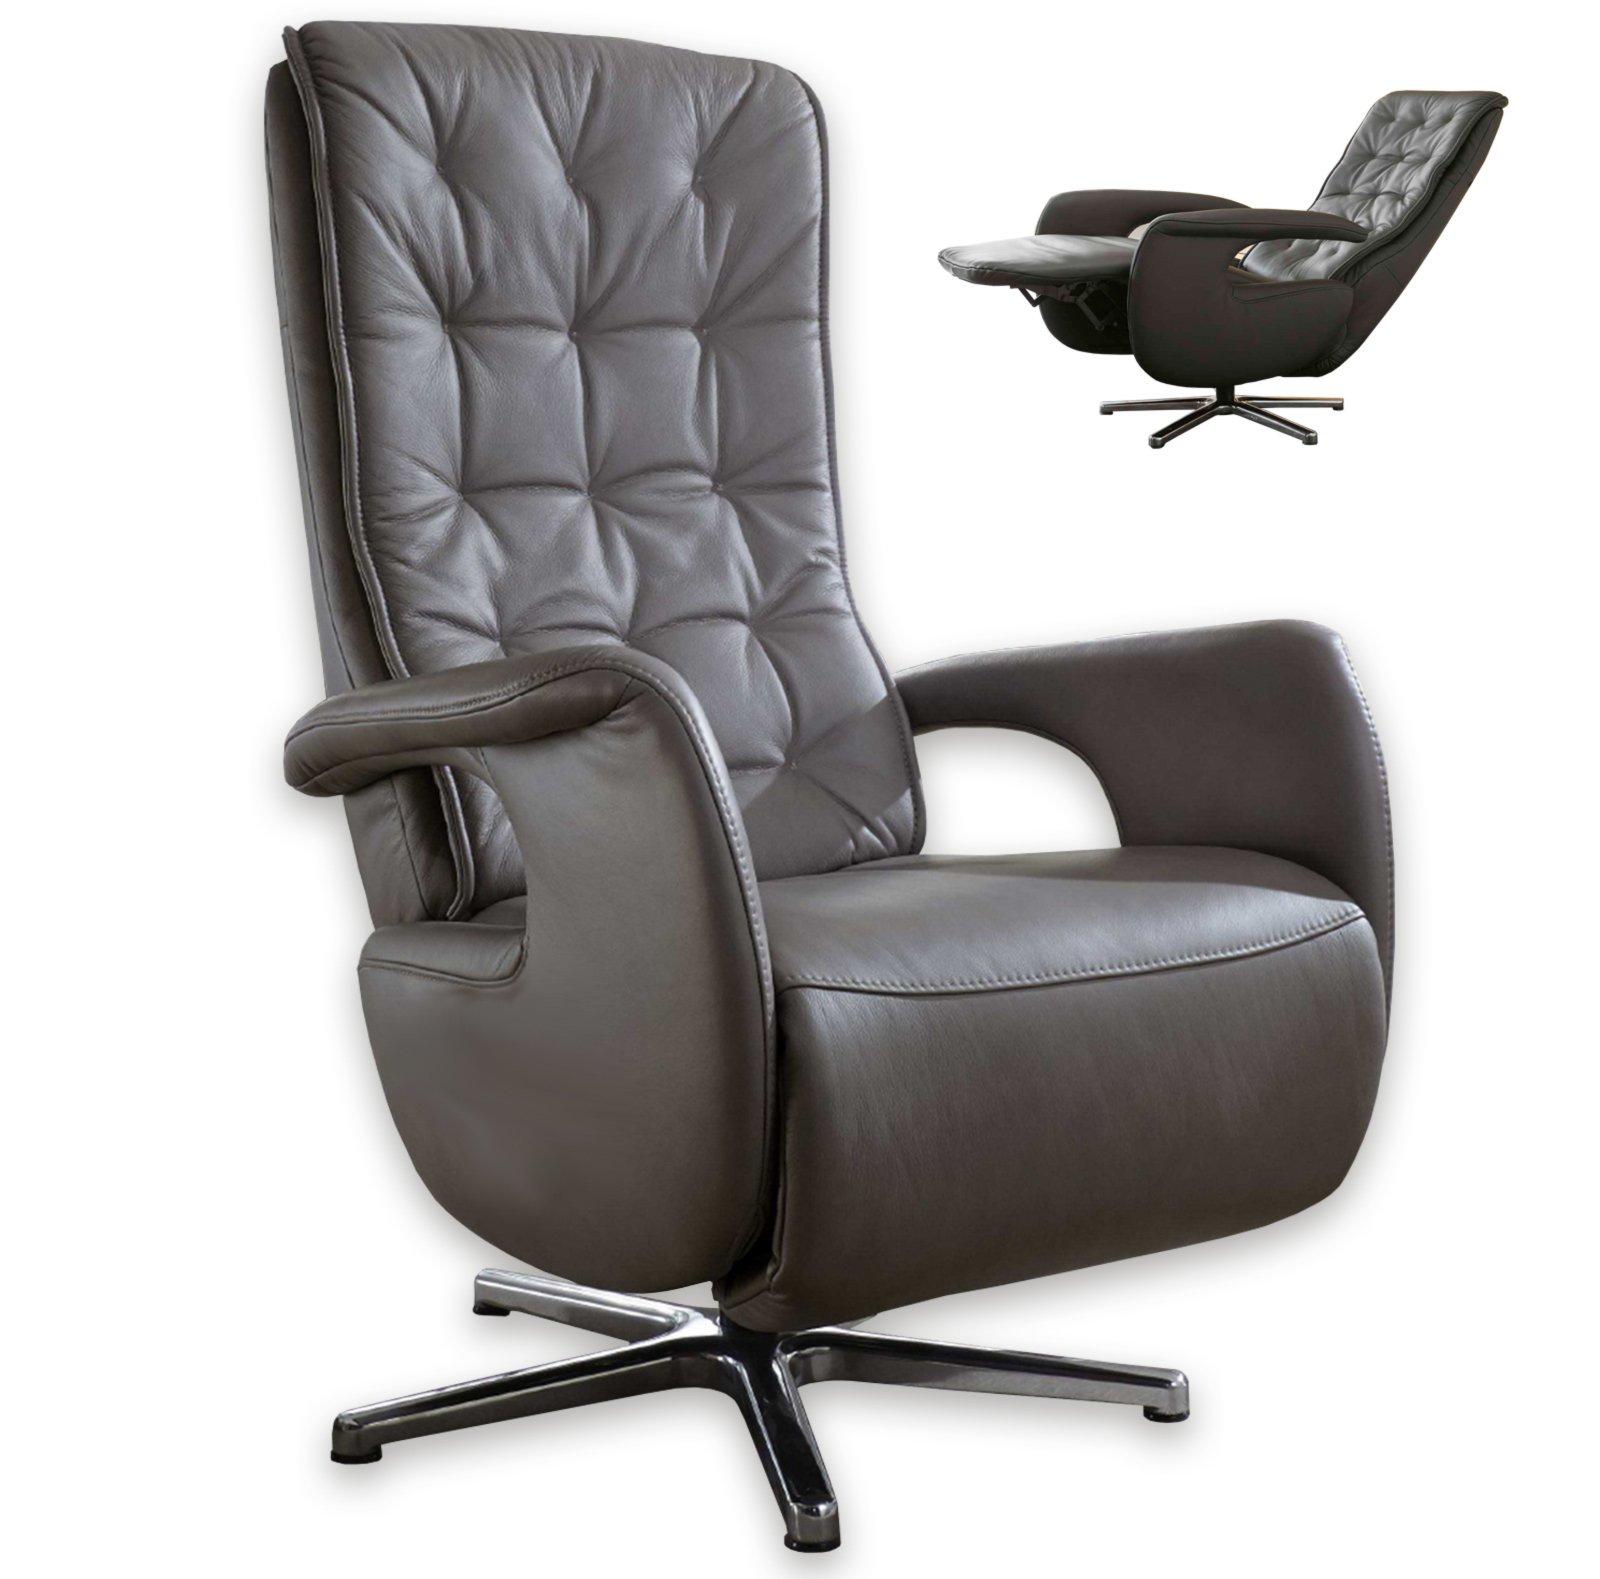 leder relaxsessel anthrazit mit funktionen. Black Bedroom Furniture Sets. Home Design Ideas